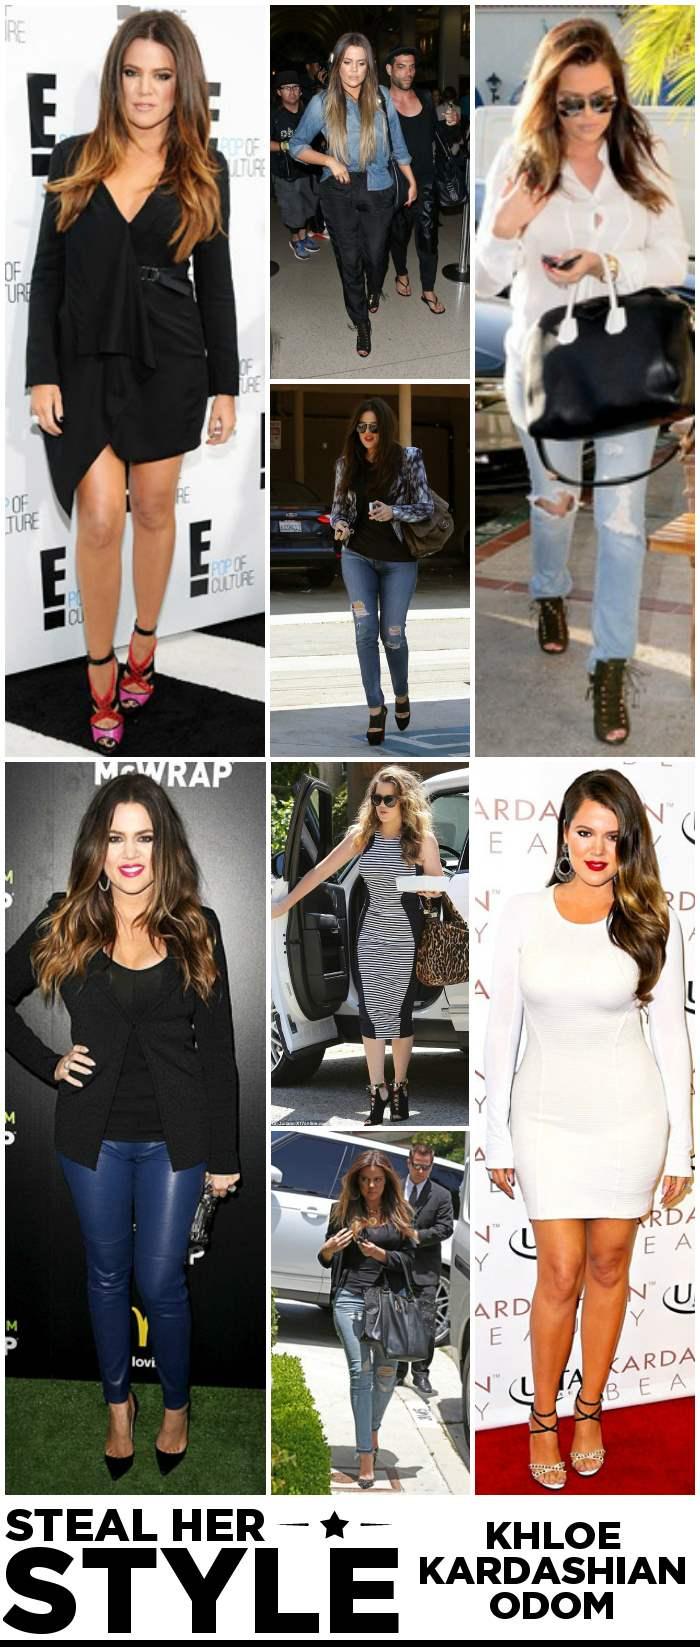 Khloe Kardashian Style Her Style